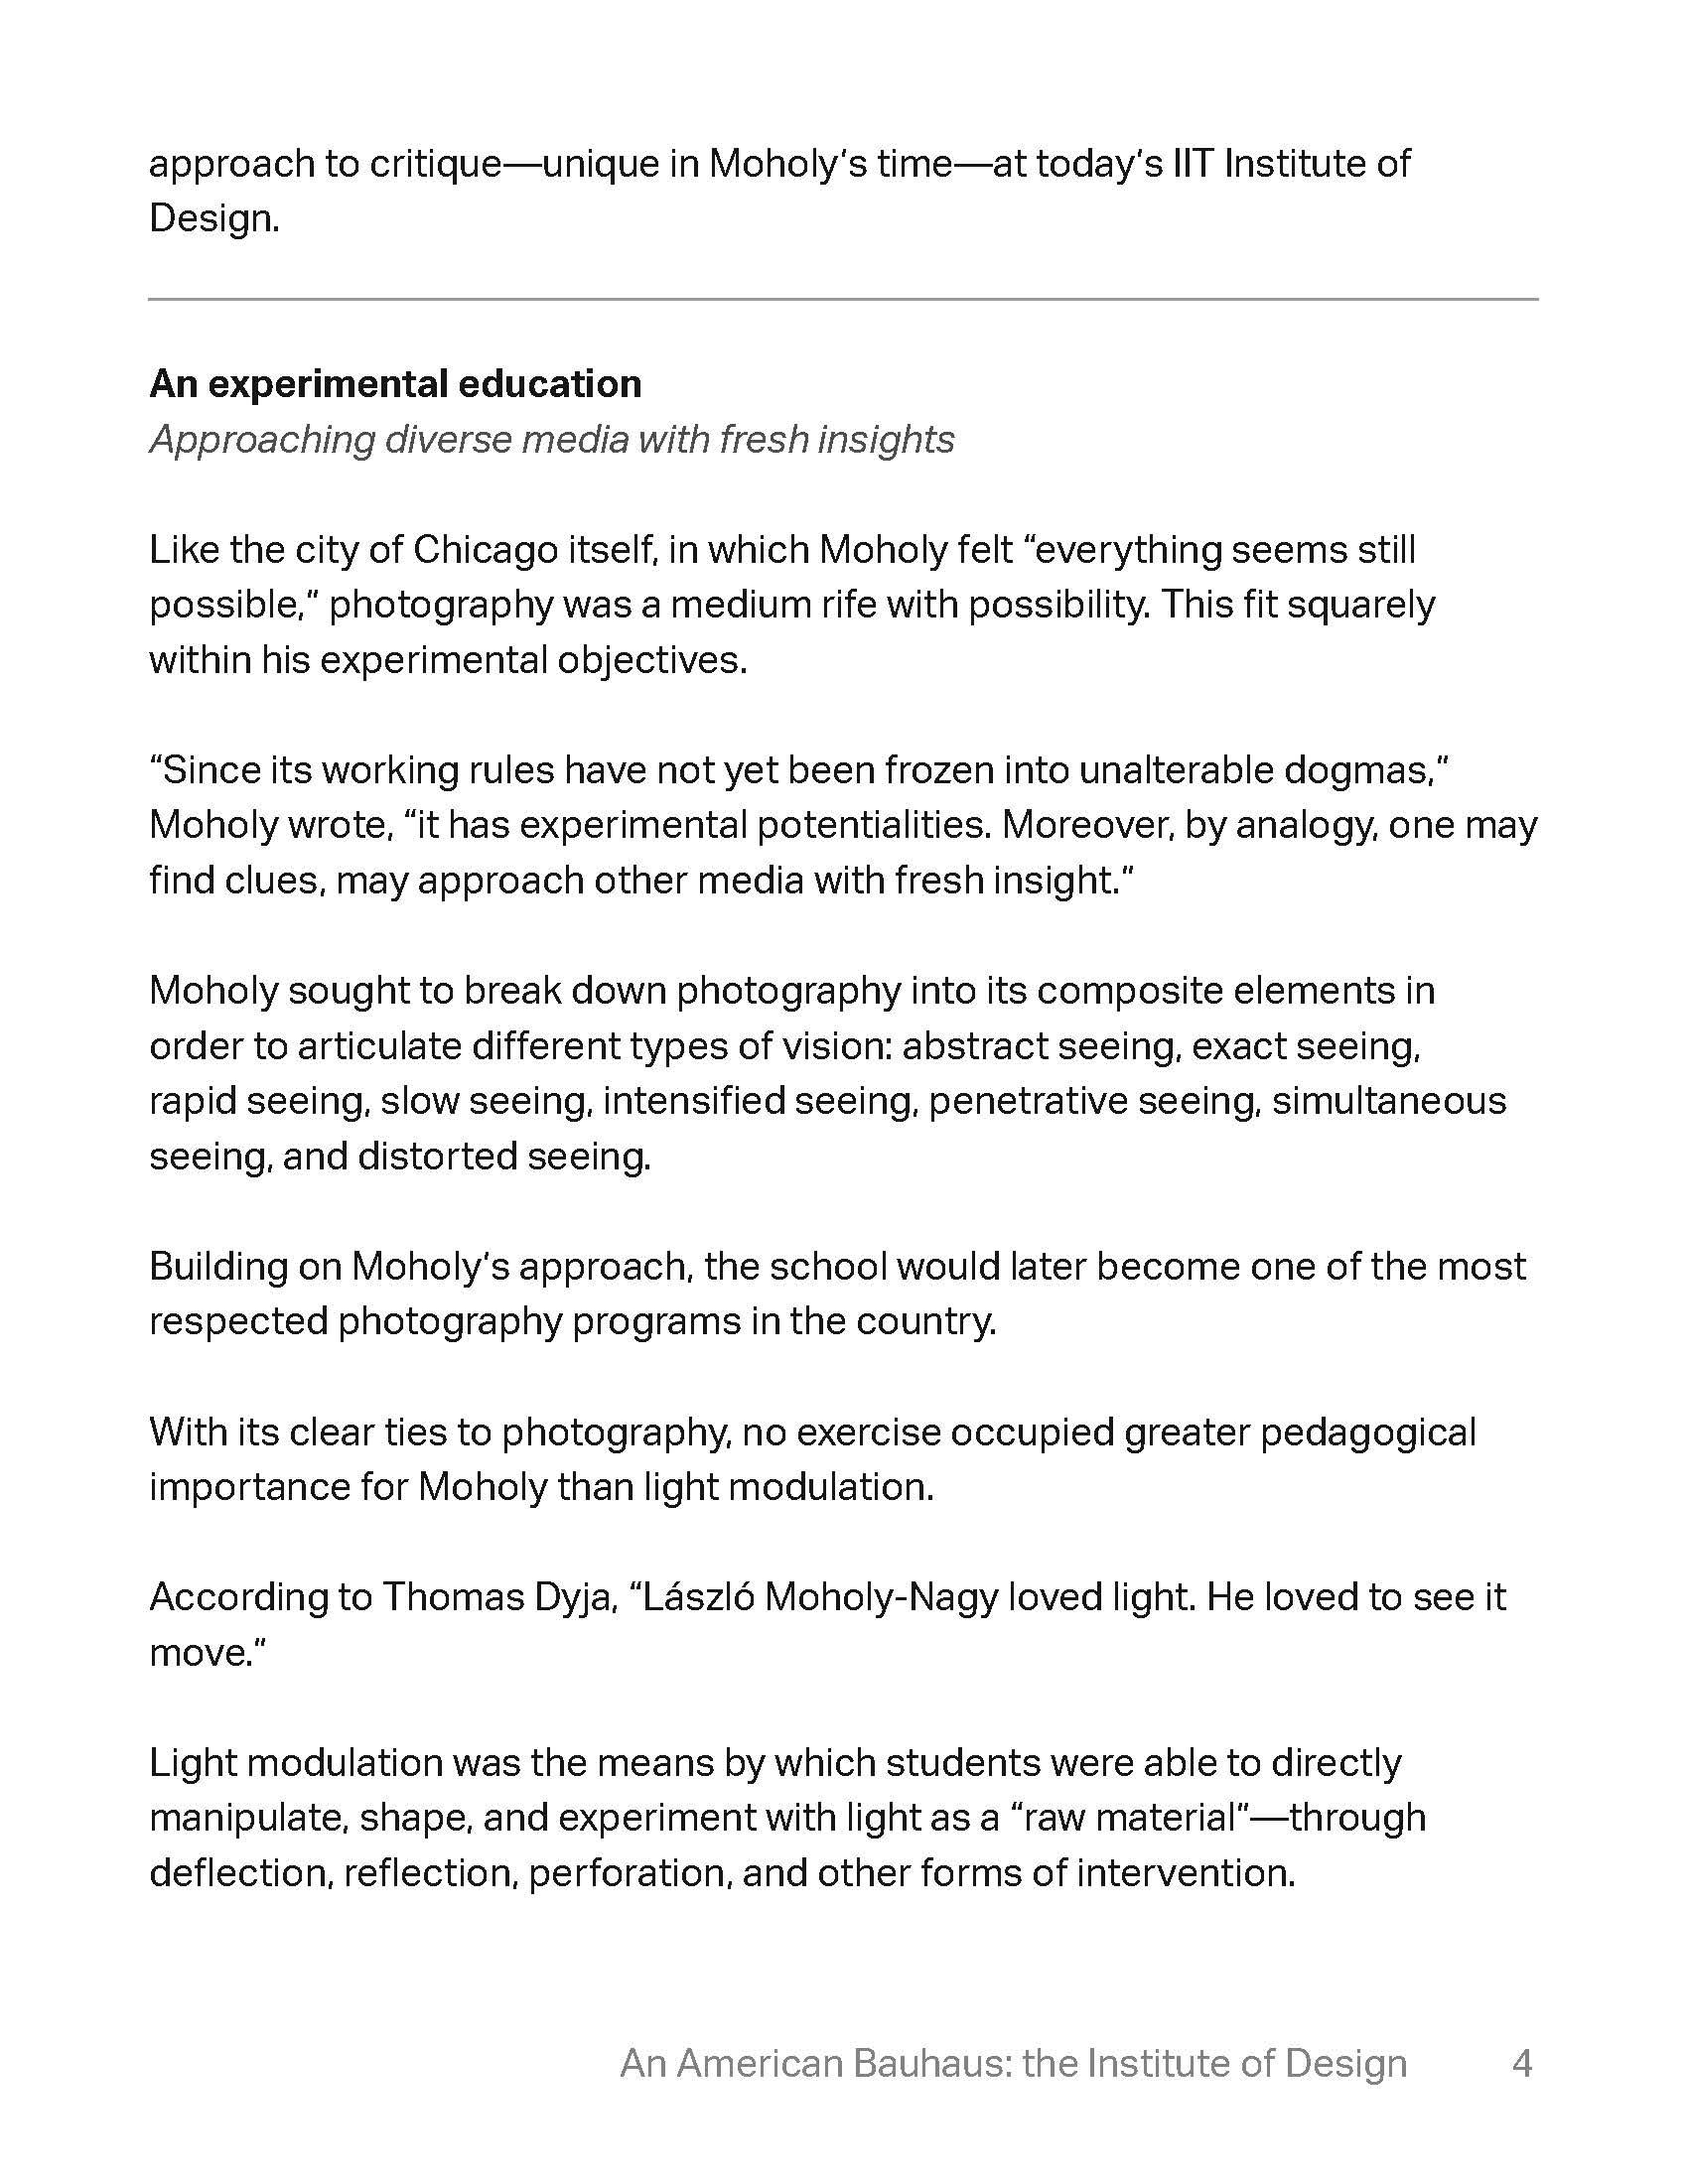 American Bauhaus Text_Page_4.jpg